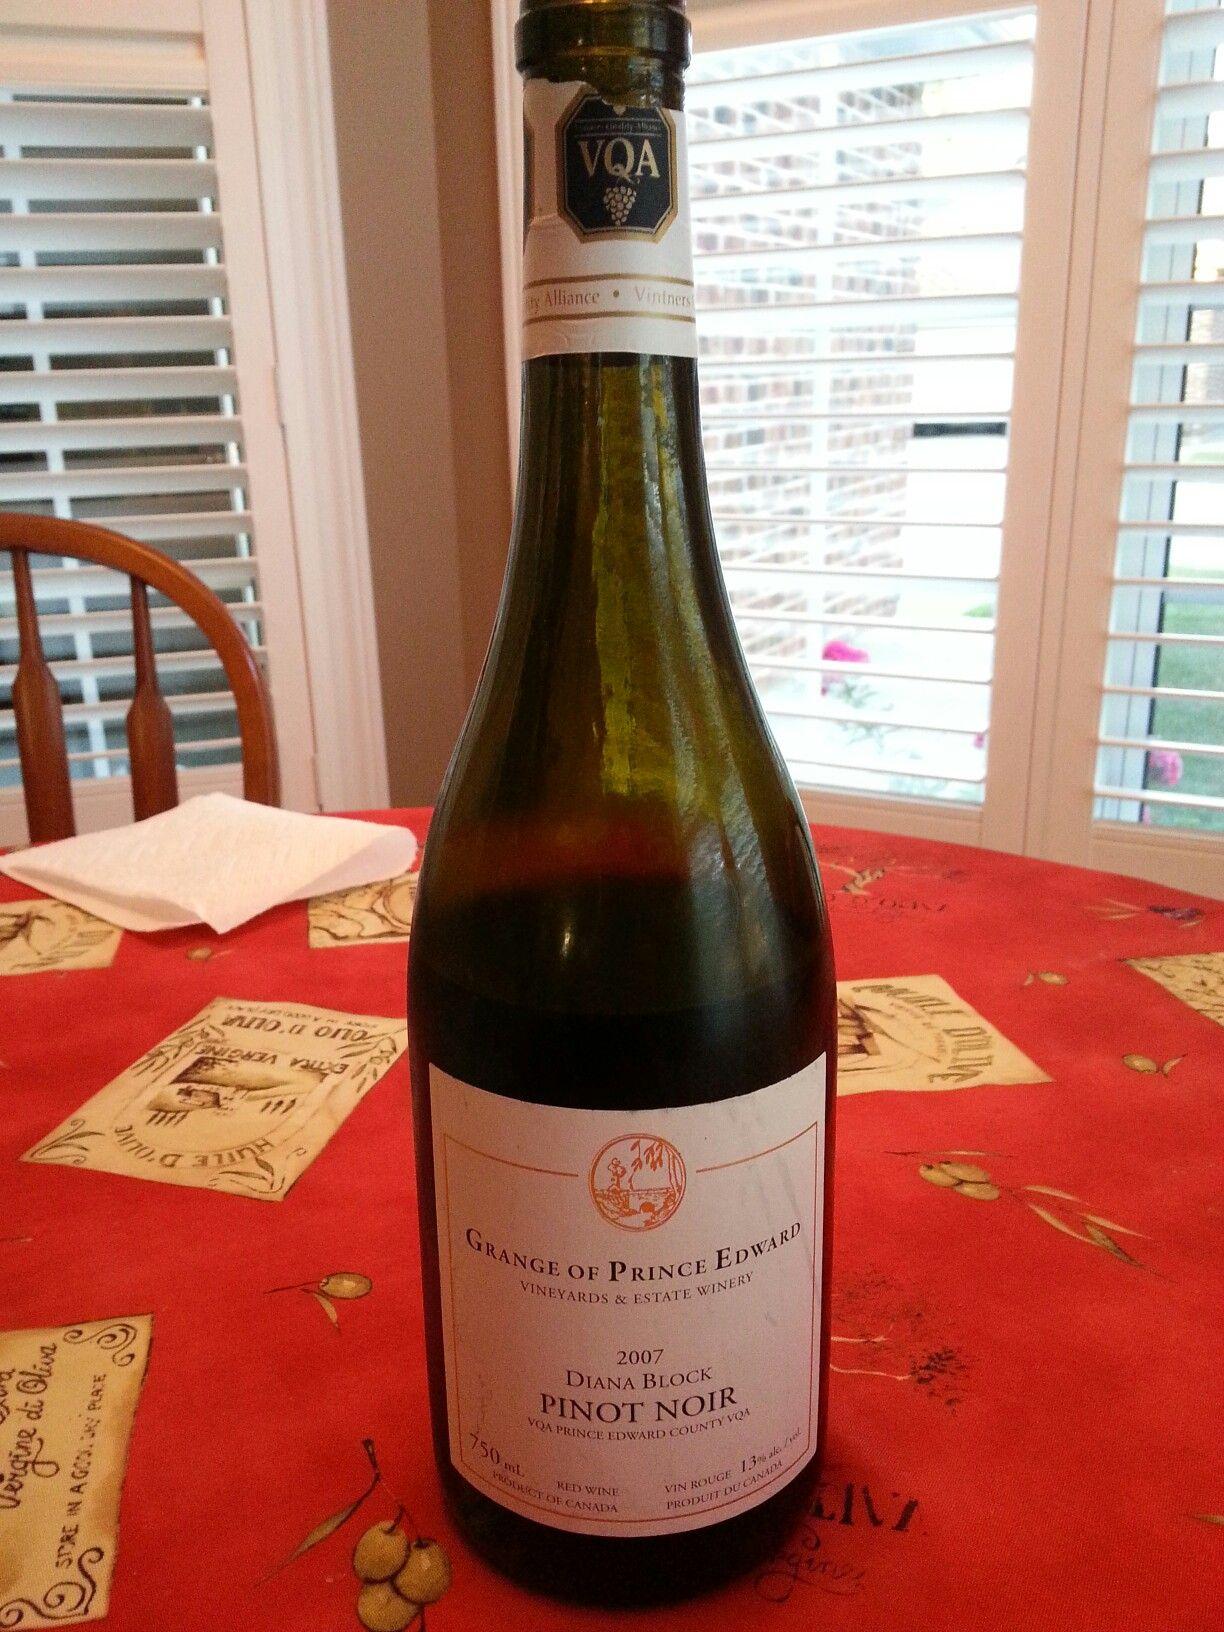 Vqa Prince Edward County Prince Edward County Pinot Wine Bottle